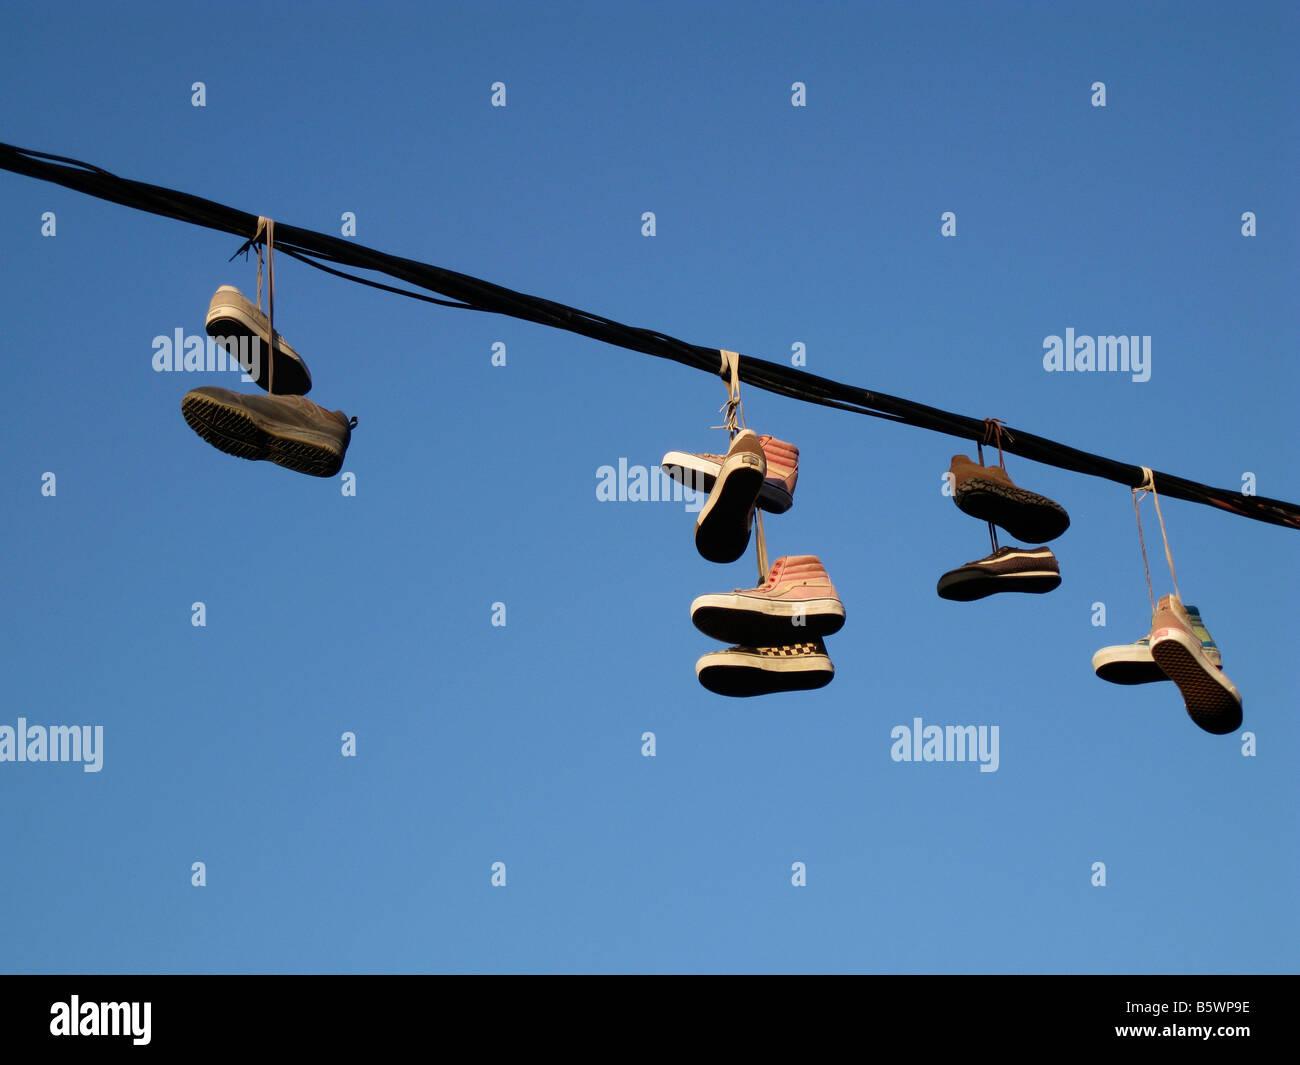 Schuhe von elektrischen Draht hängen Stockfoto, Bild